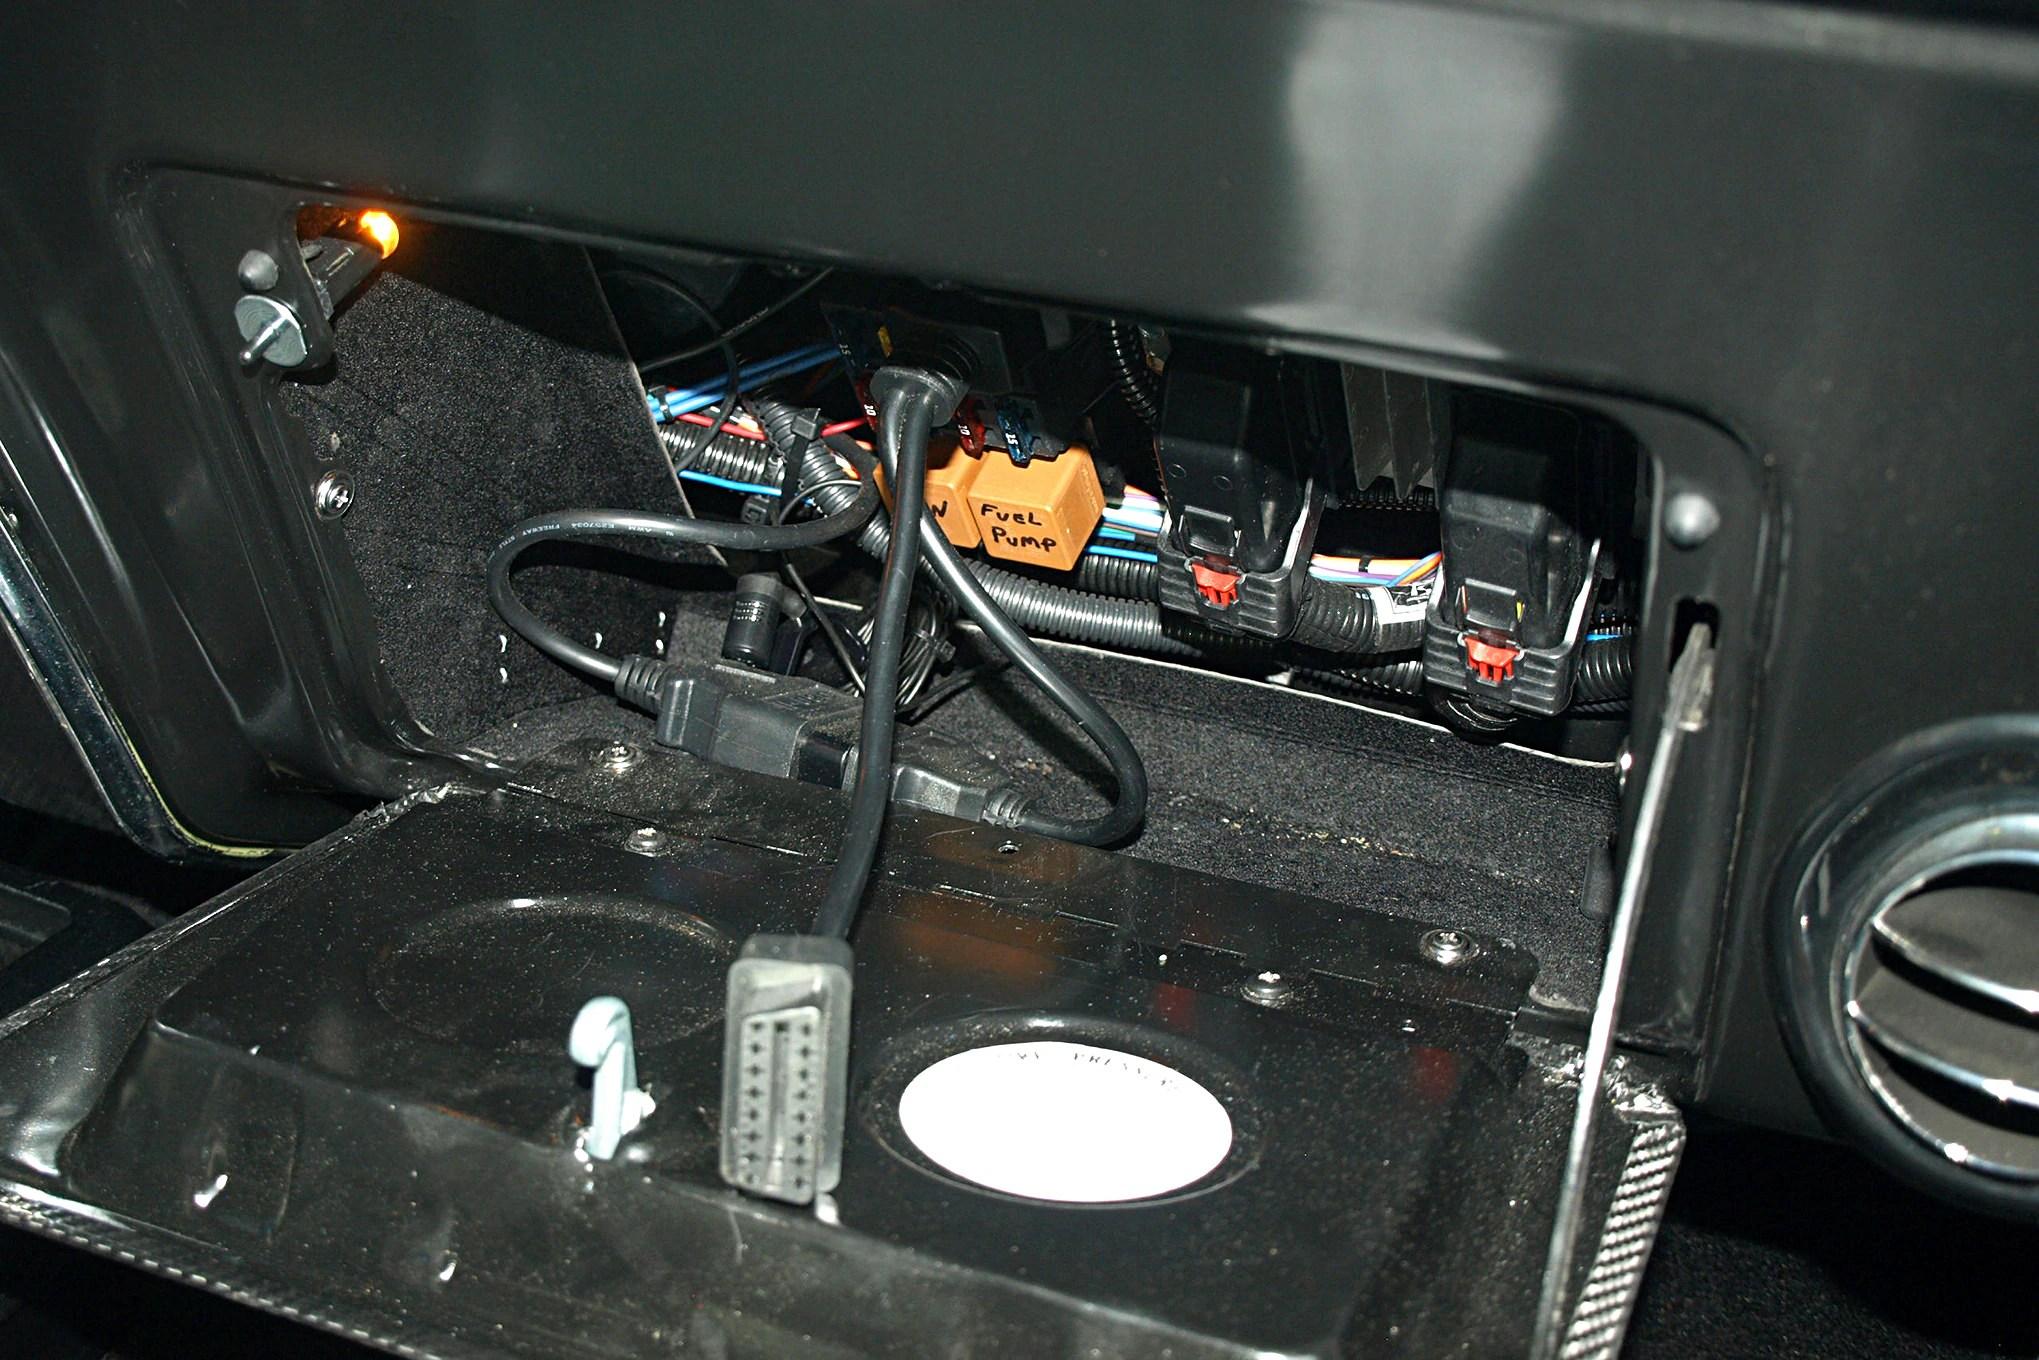 68 camaro fuse box diagram wiring library 1994 camaro fuse box diagram 67 camaro fuse box [ 2039 x 1360 Pixel ]